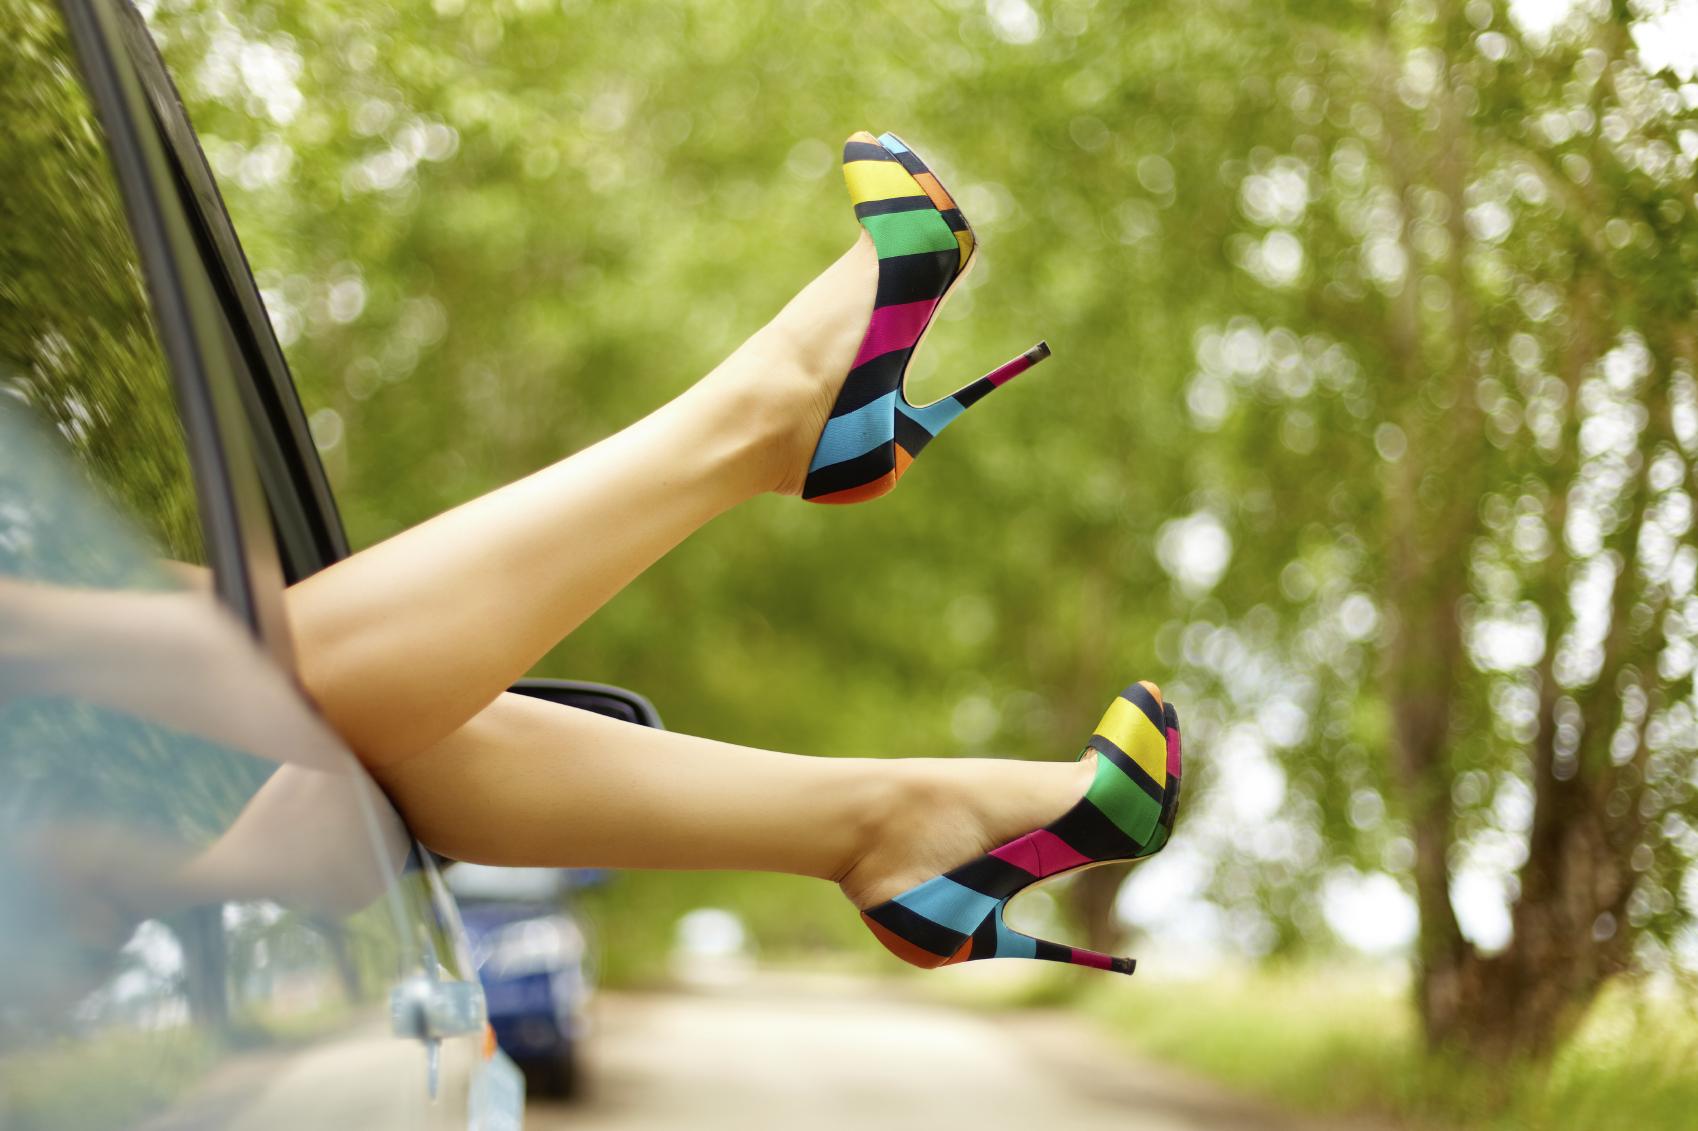 когда каблуки в радость